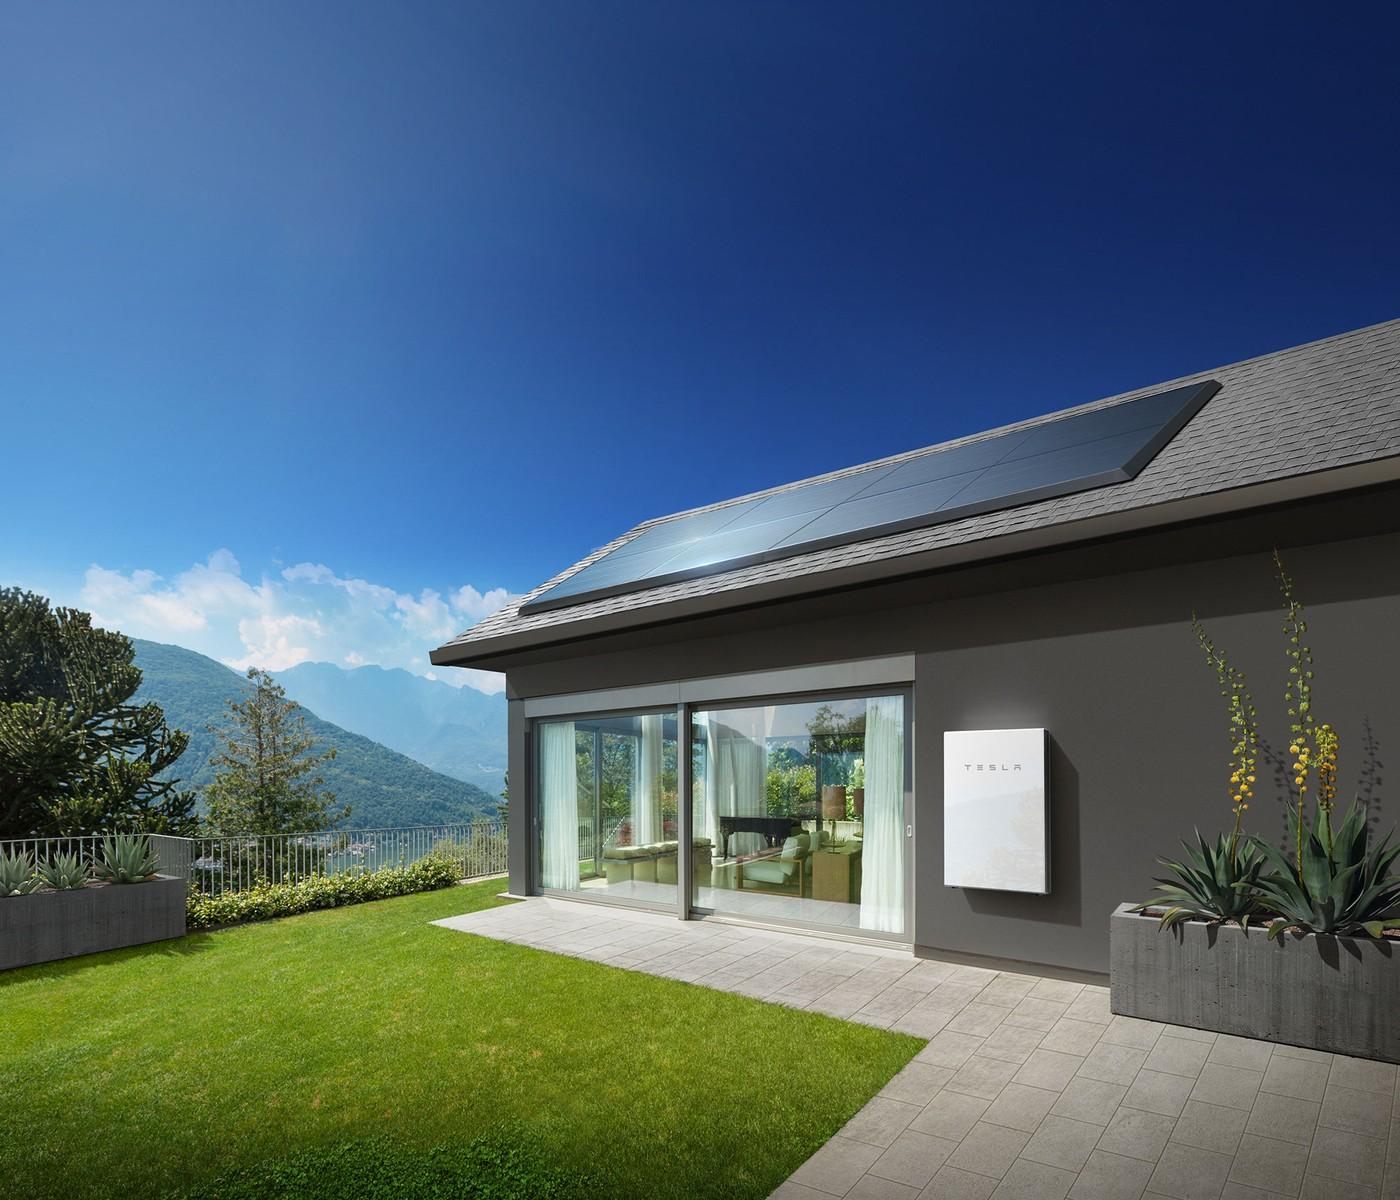 特斯拉和SolarCity合併獲股東批准,交易幾天內完成